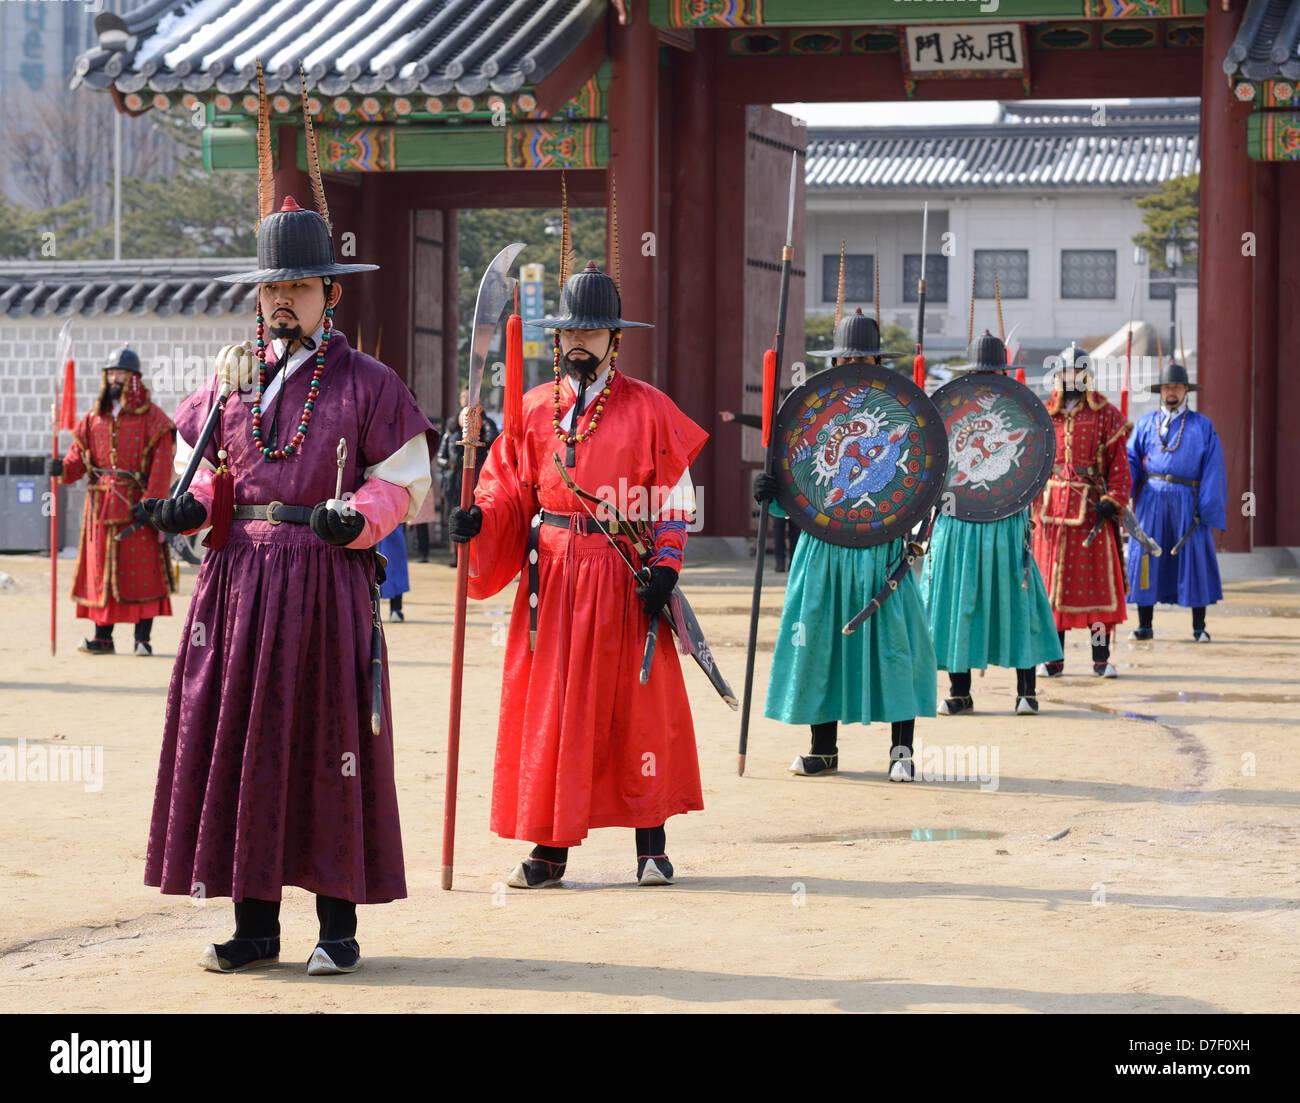 Königliche Garde in historischen Kostümen im Gyeongbokgung Palace in Seoul, Südkorea. Stockbild